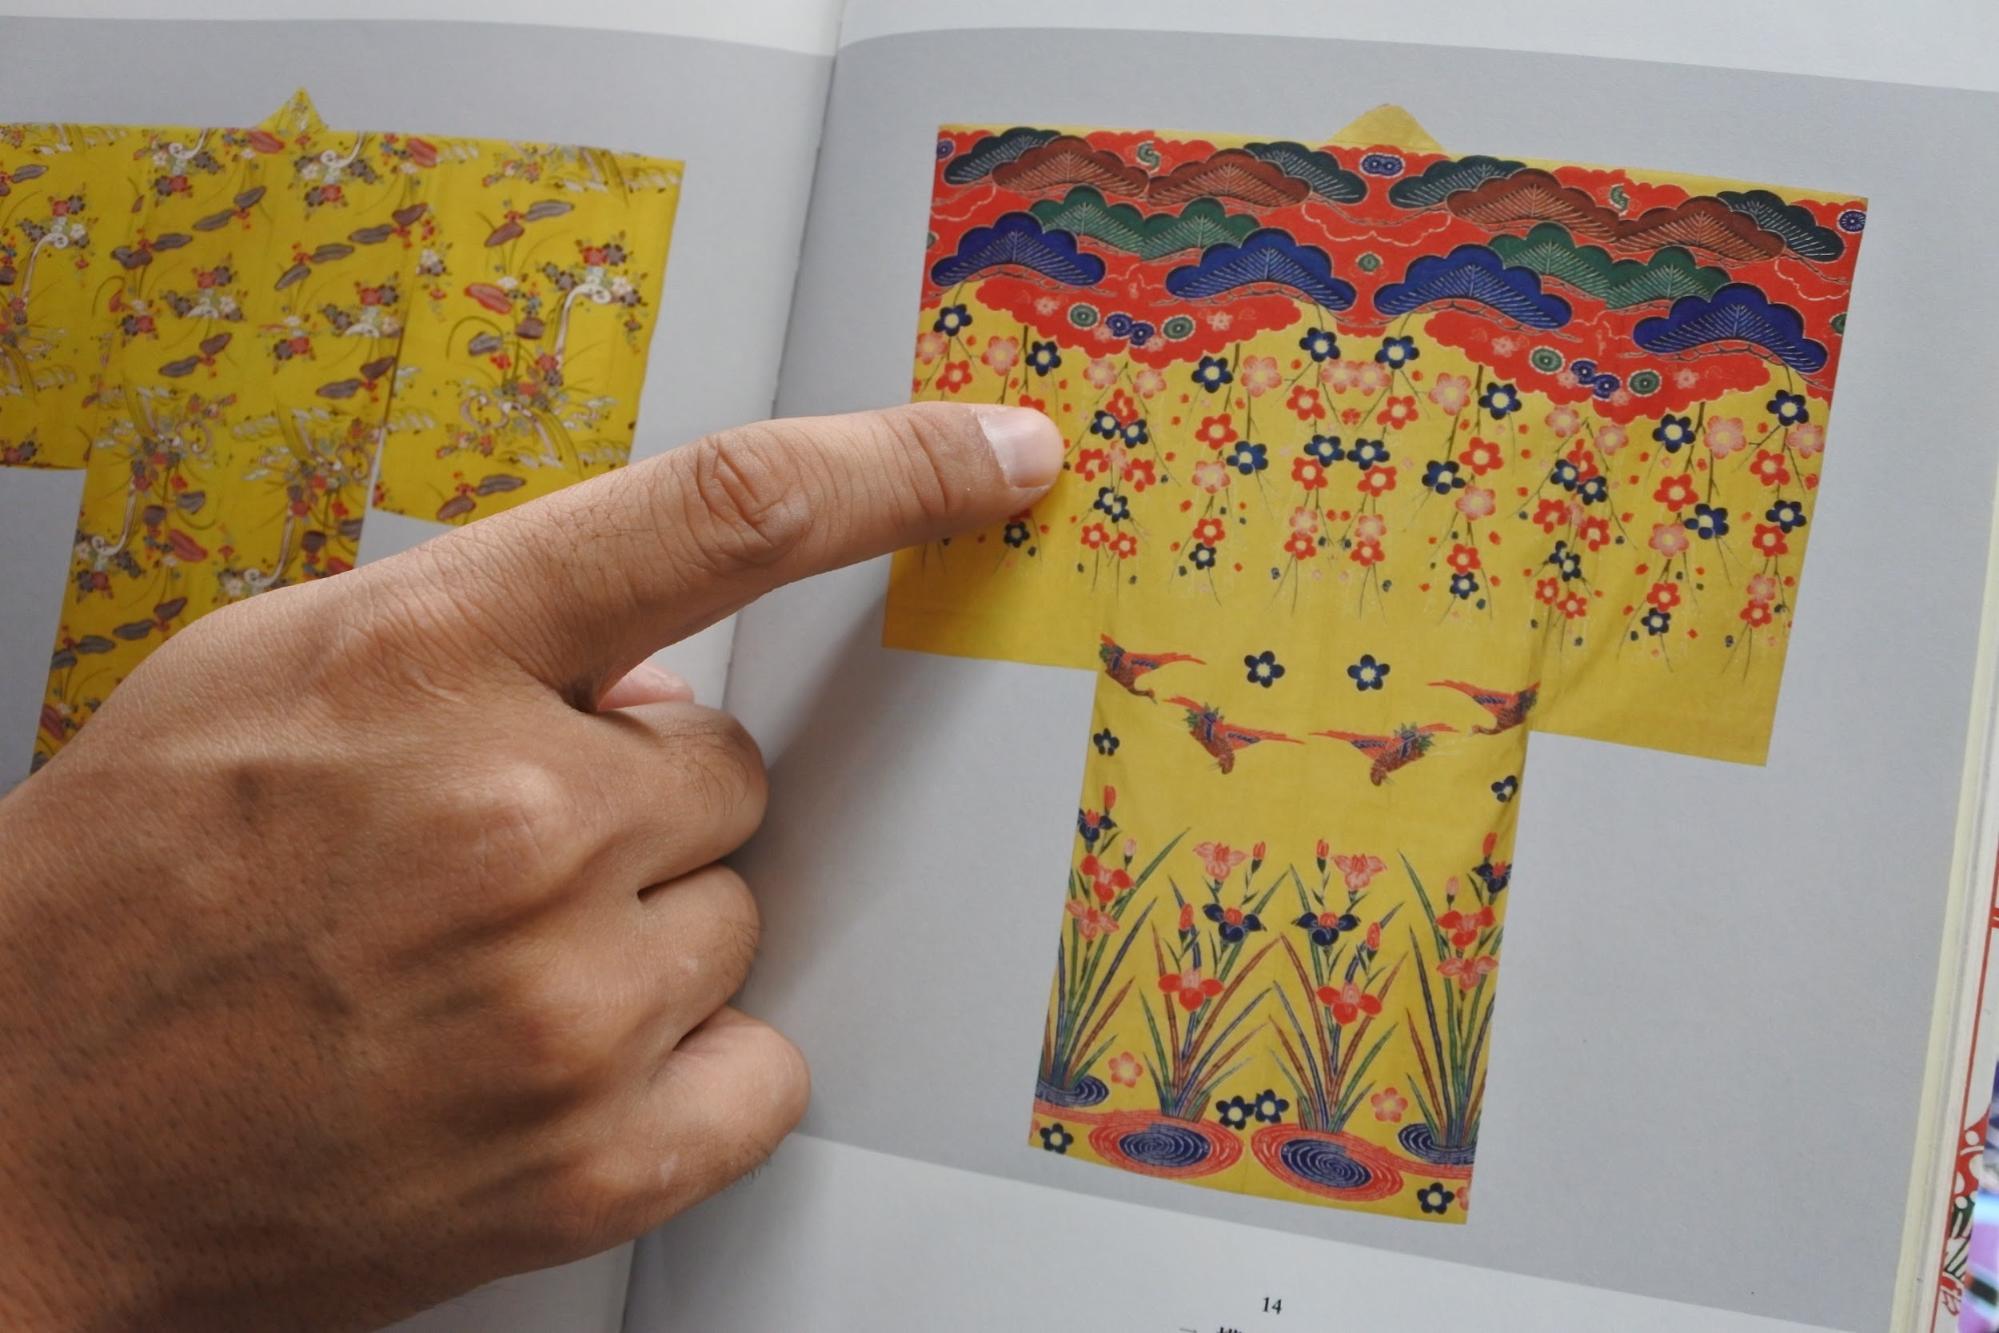 伝統的な柄(古典柄)の着物|Photo by Masaya Morita